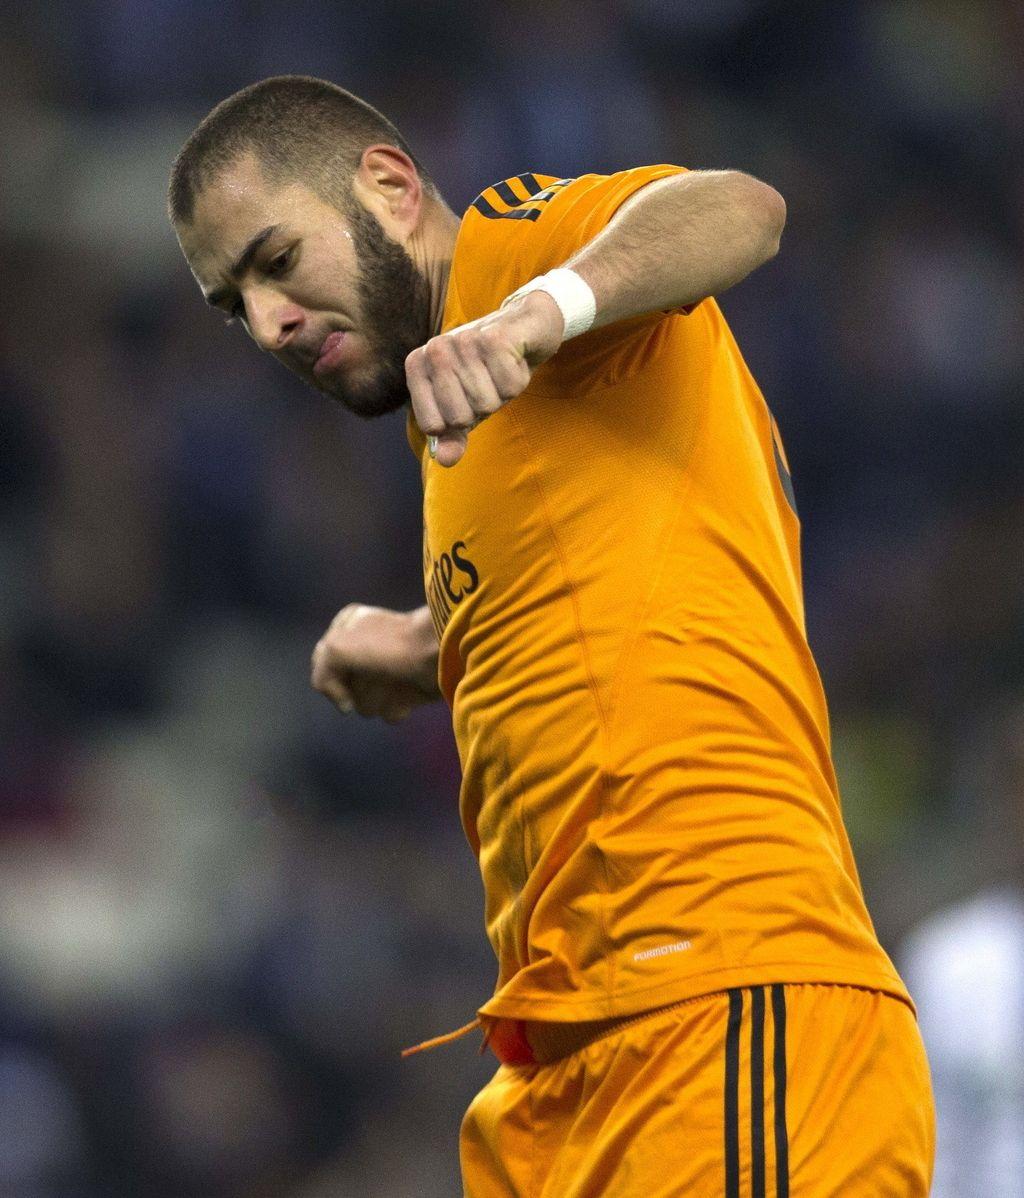 El delantero francés del Real Madrid Karim Benzemá celebra el gol que ha marcado al Espanyol